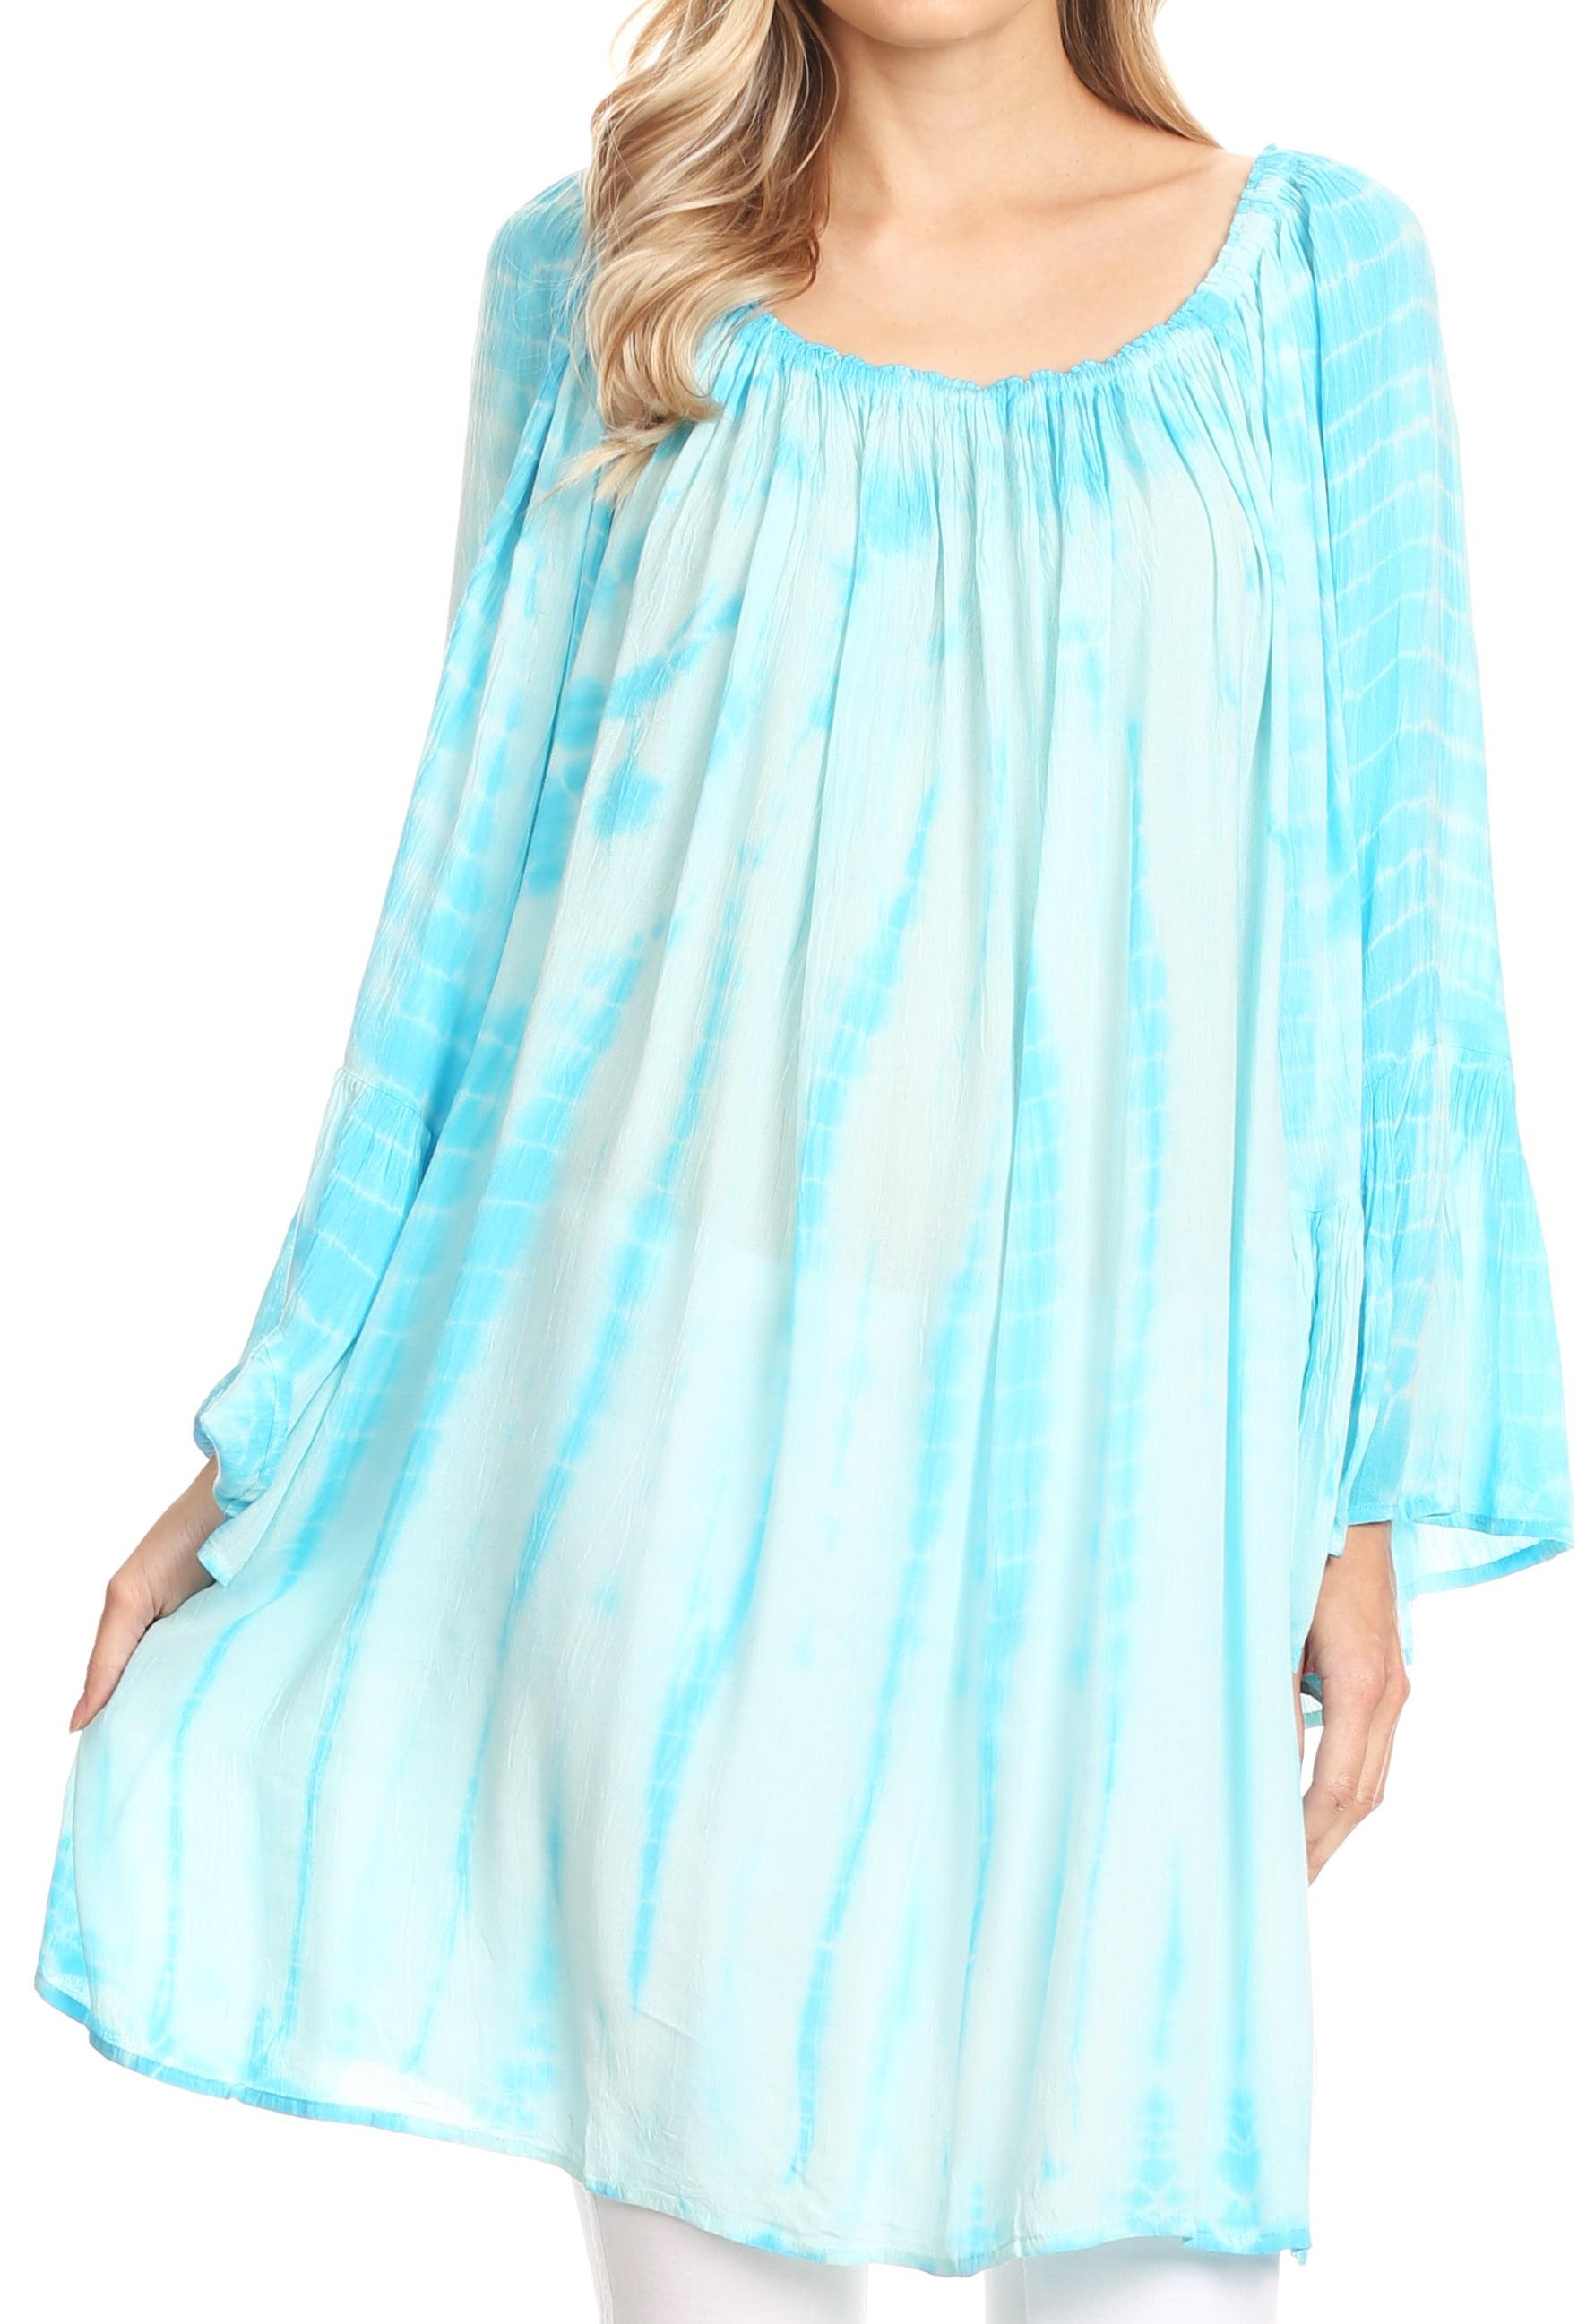 Sakkas Anna Casual Flowy Wide Neck 3//4 Sleeve Light Summer Boho Blouse Top